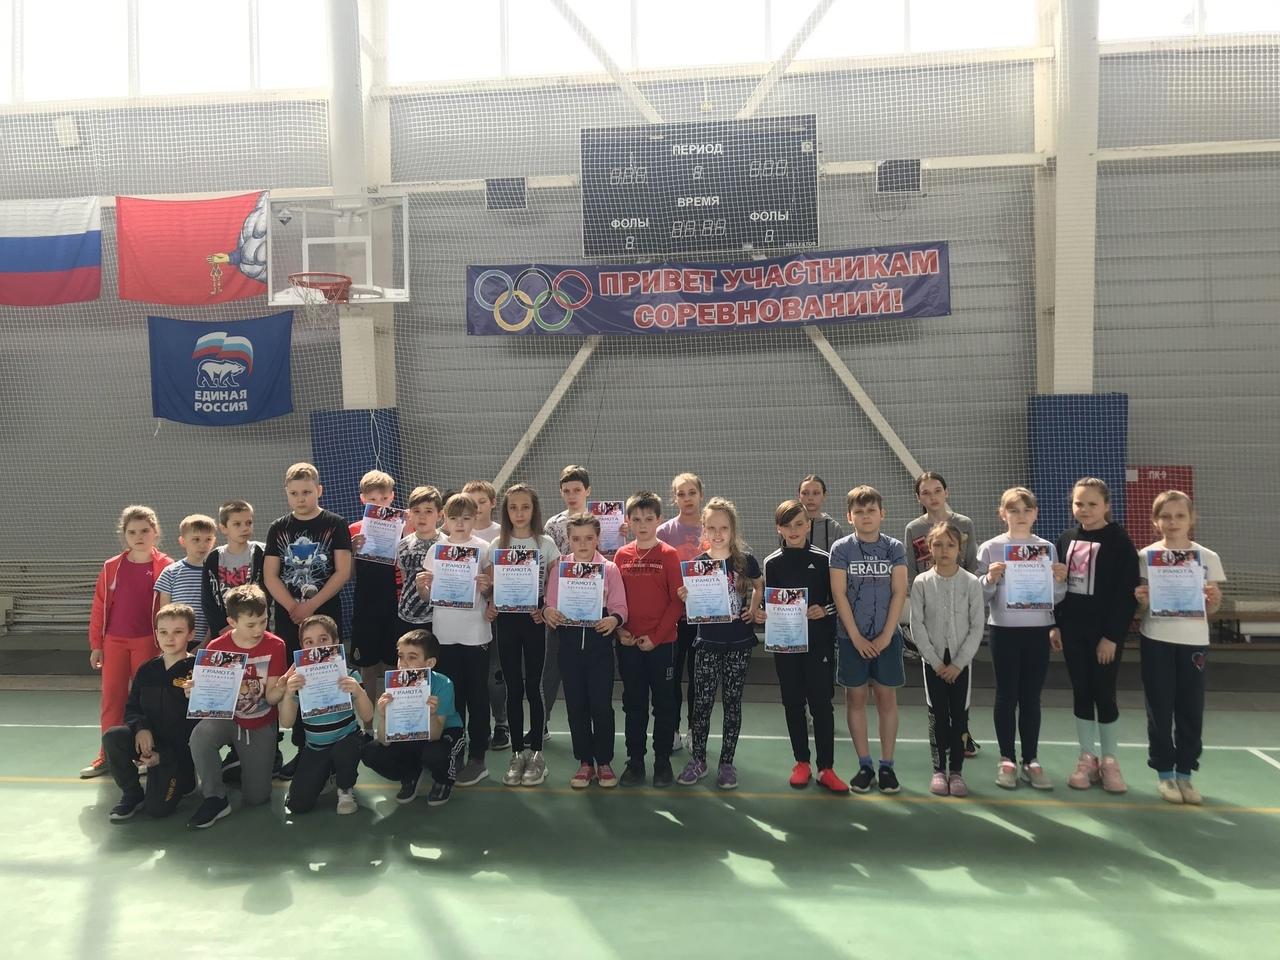 В Петровске состоялось первенство по лёгкой атлетике